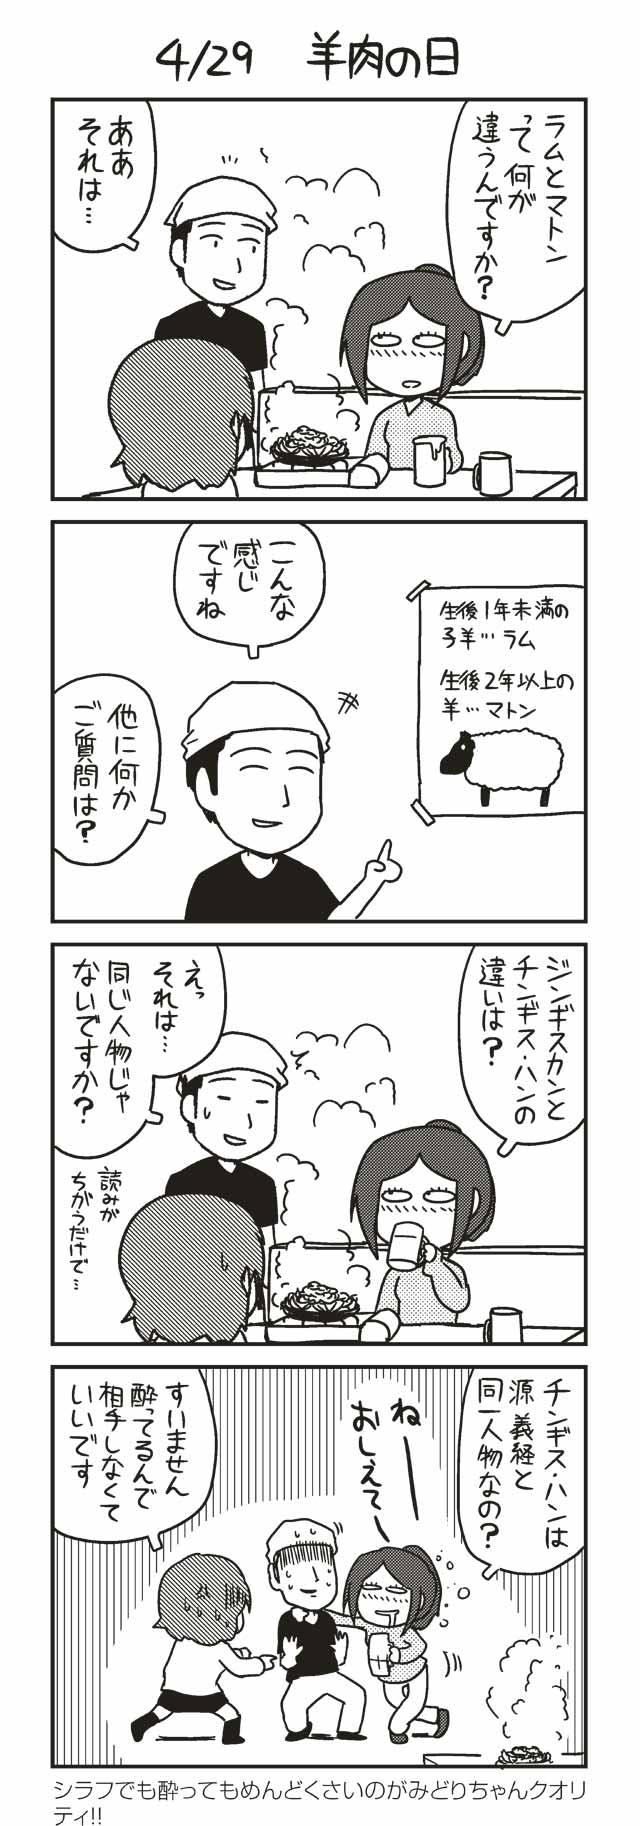 4/29 羊肉の日 『ノヒマンガ』 ポン